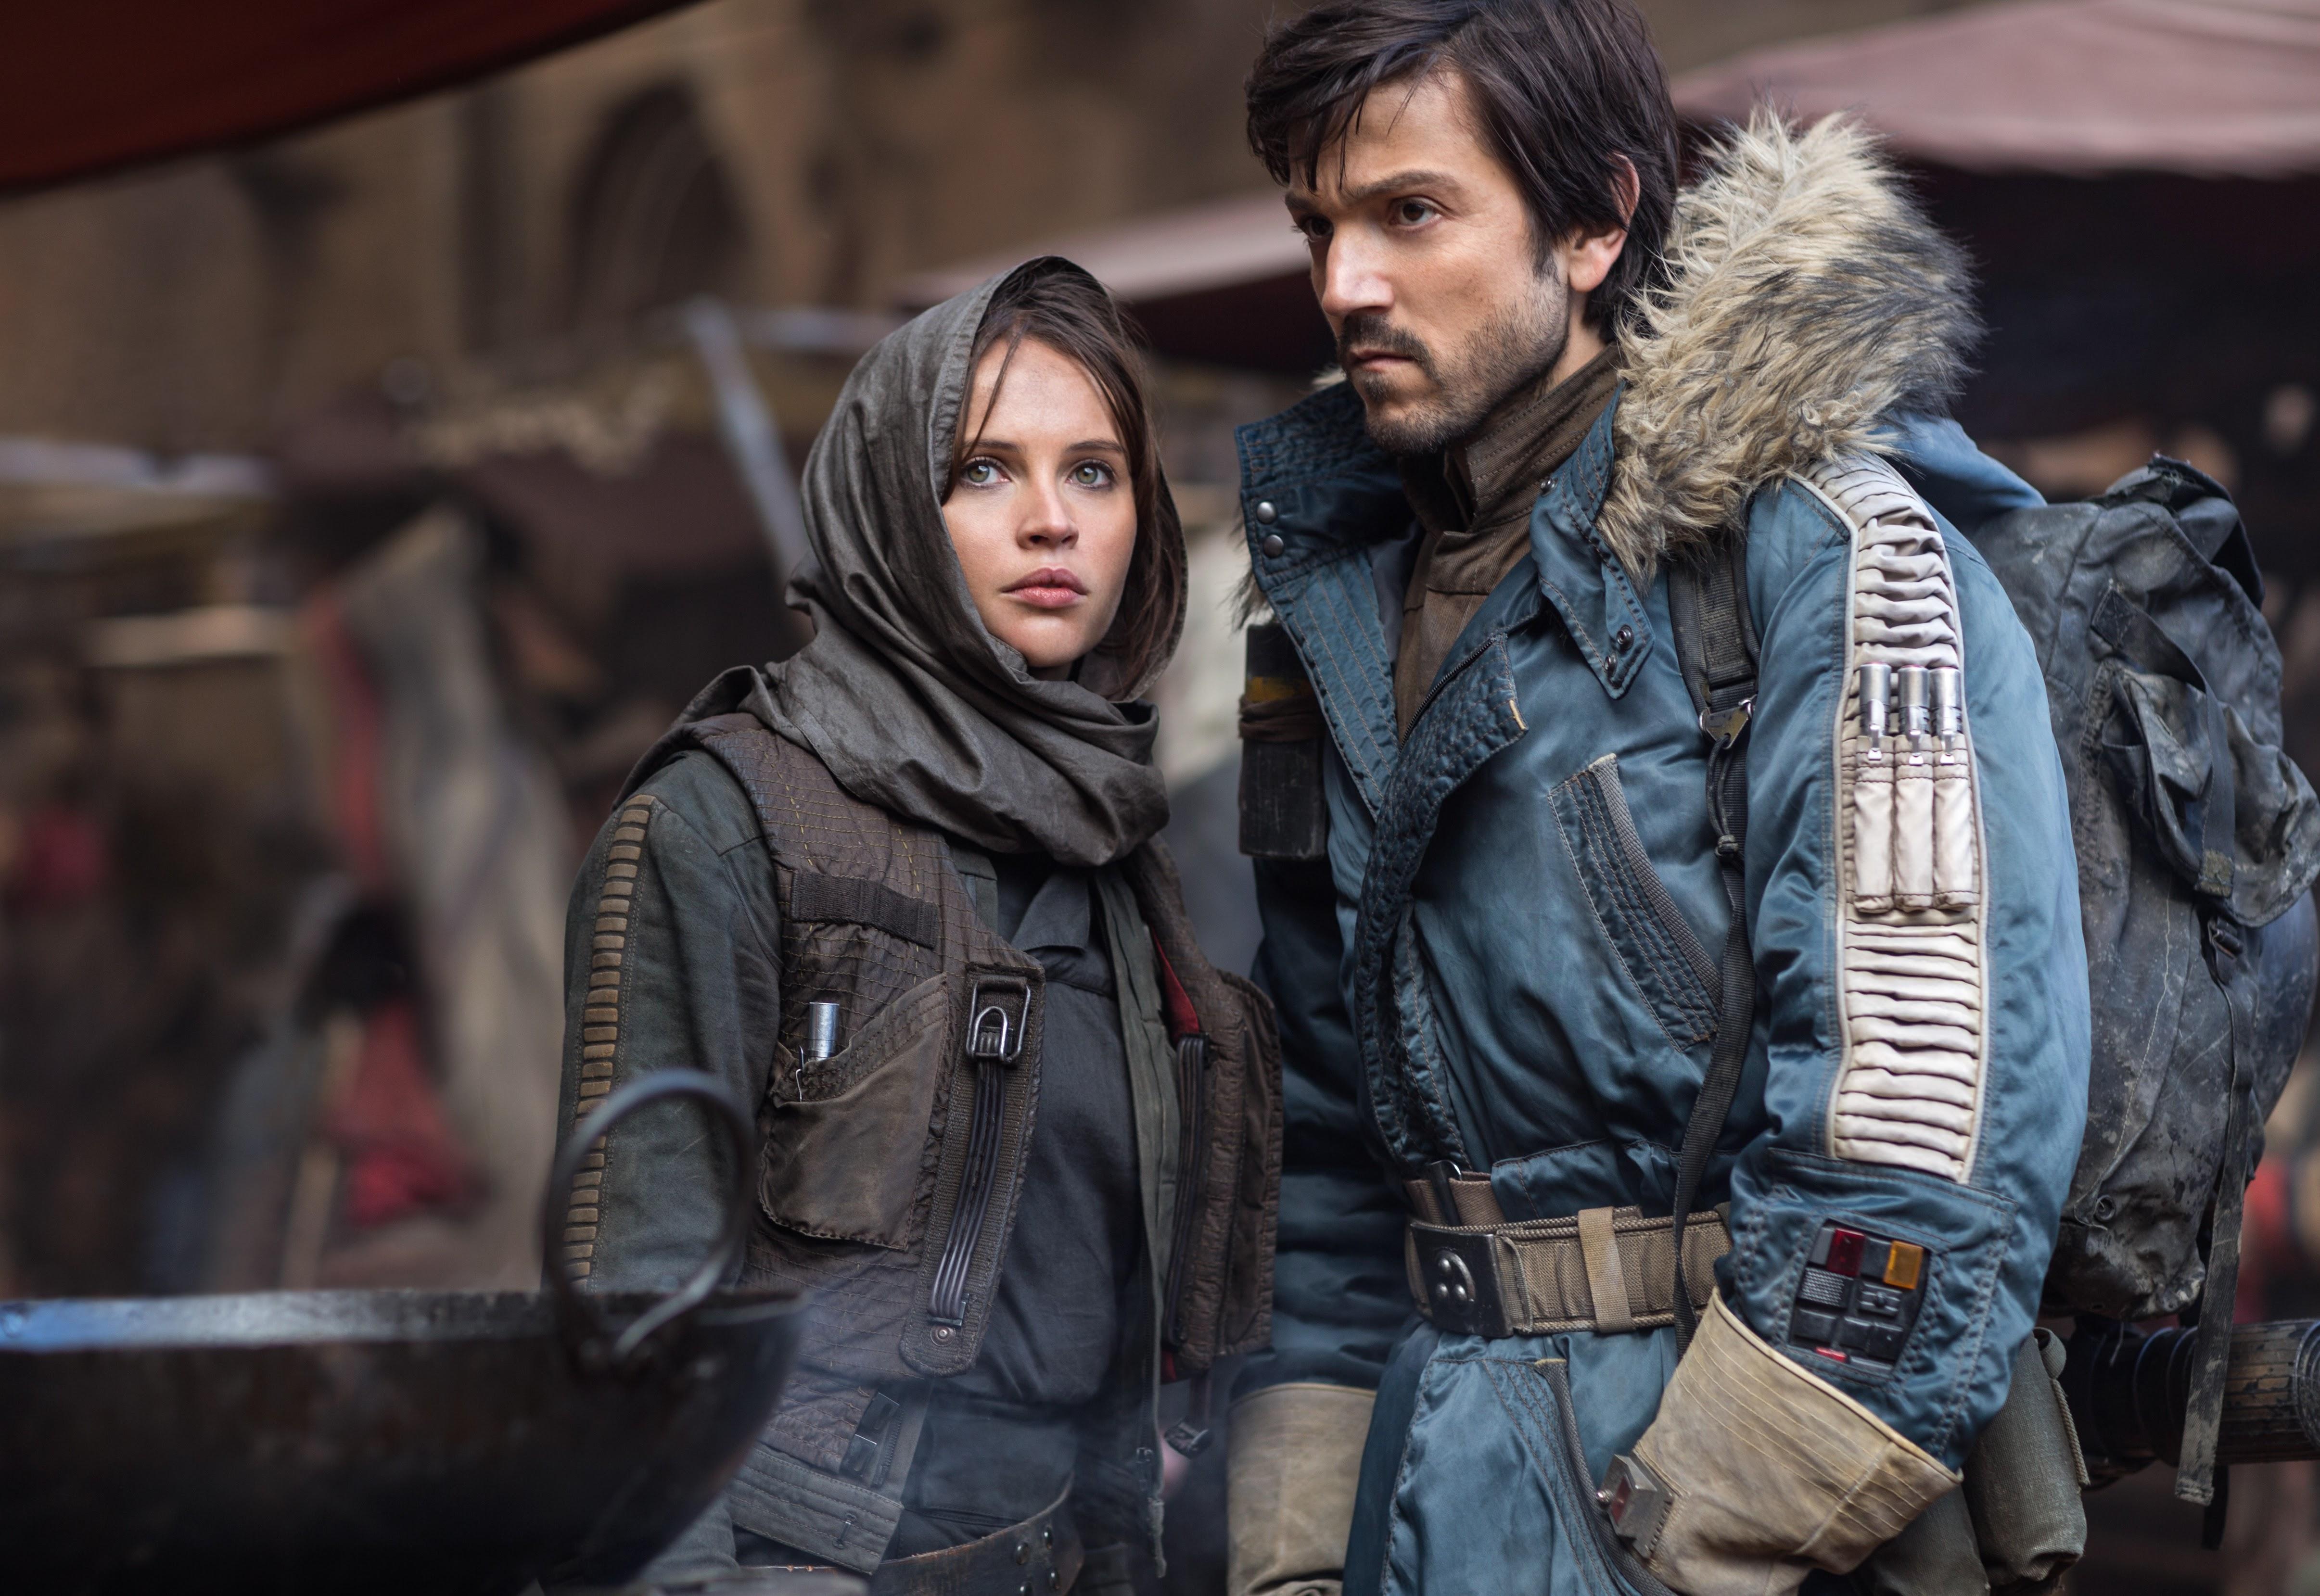 Rogue One Prequel Series: ディエゴ・ルナのカシアンが帰ってくる ! !、「ローグ・ワン」の前日譚を描く「スター・ウォーズ」の実写ドラマ・シリーズの製作を、ディズニーの配信サービス Disney+ が発表 ! !